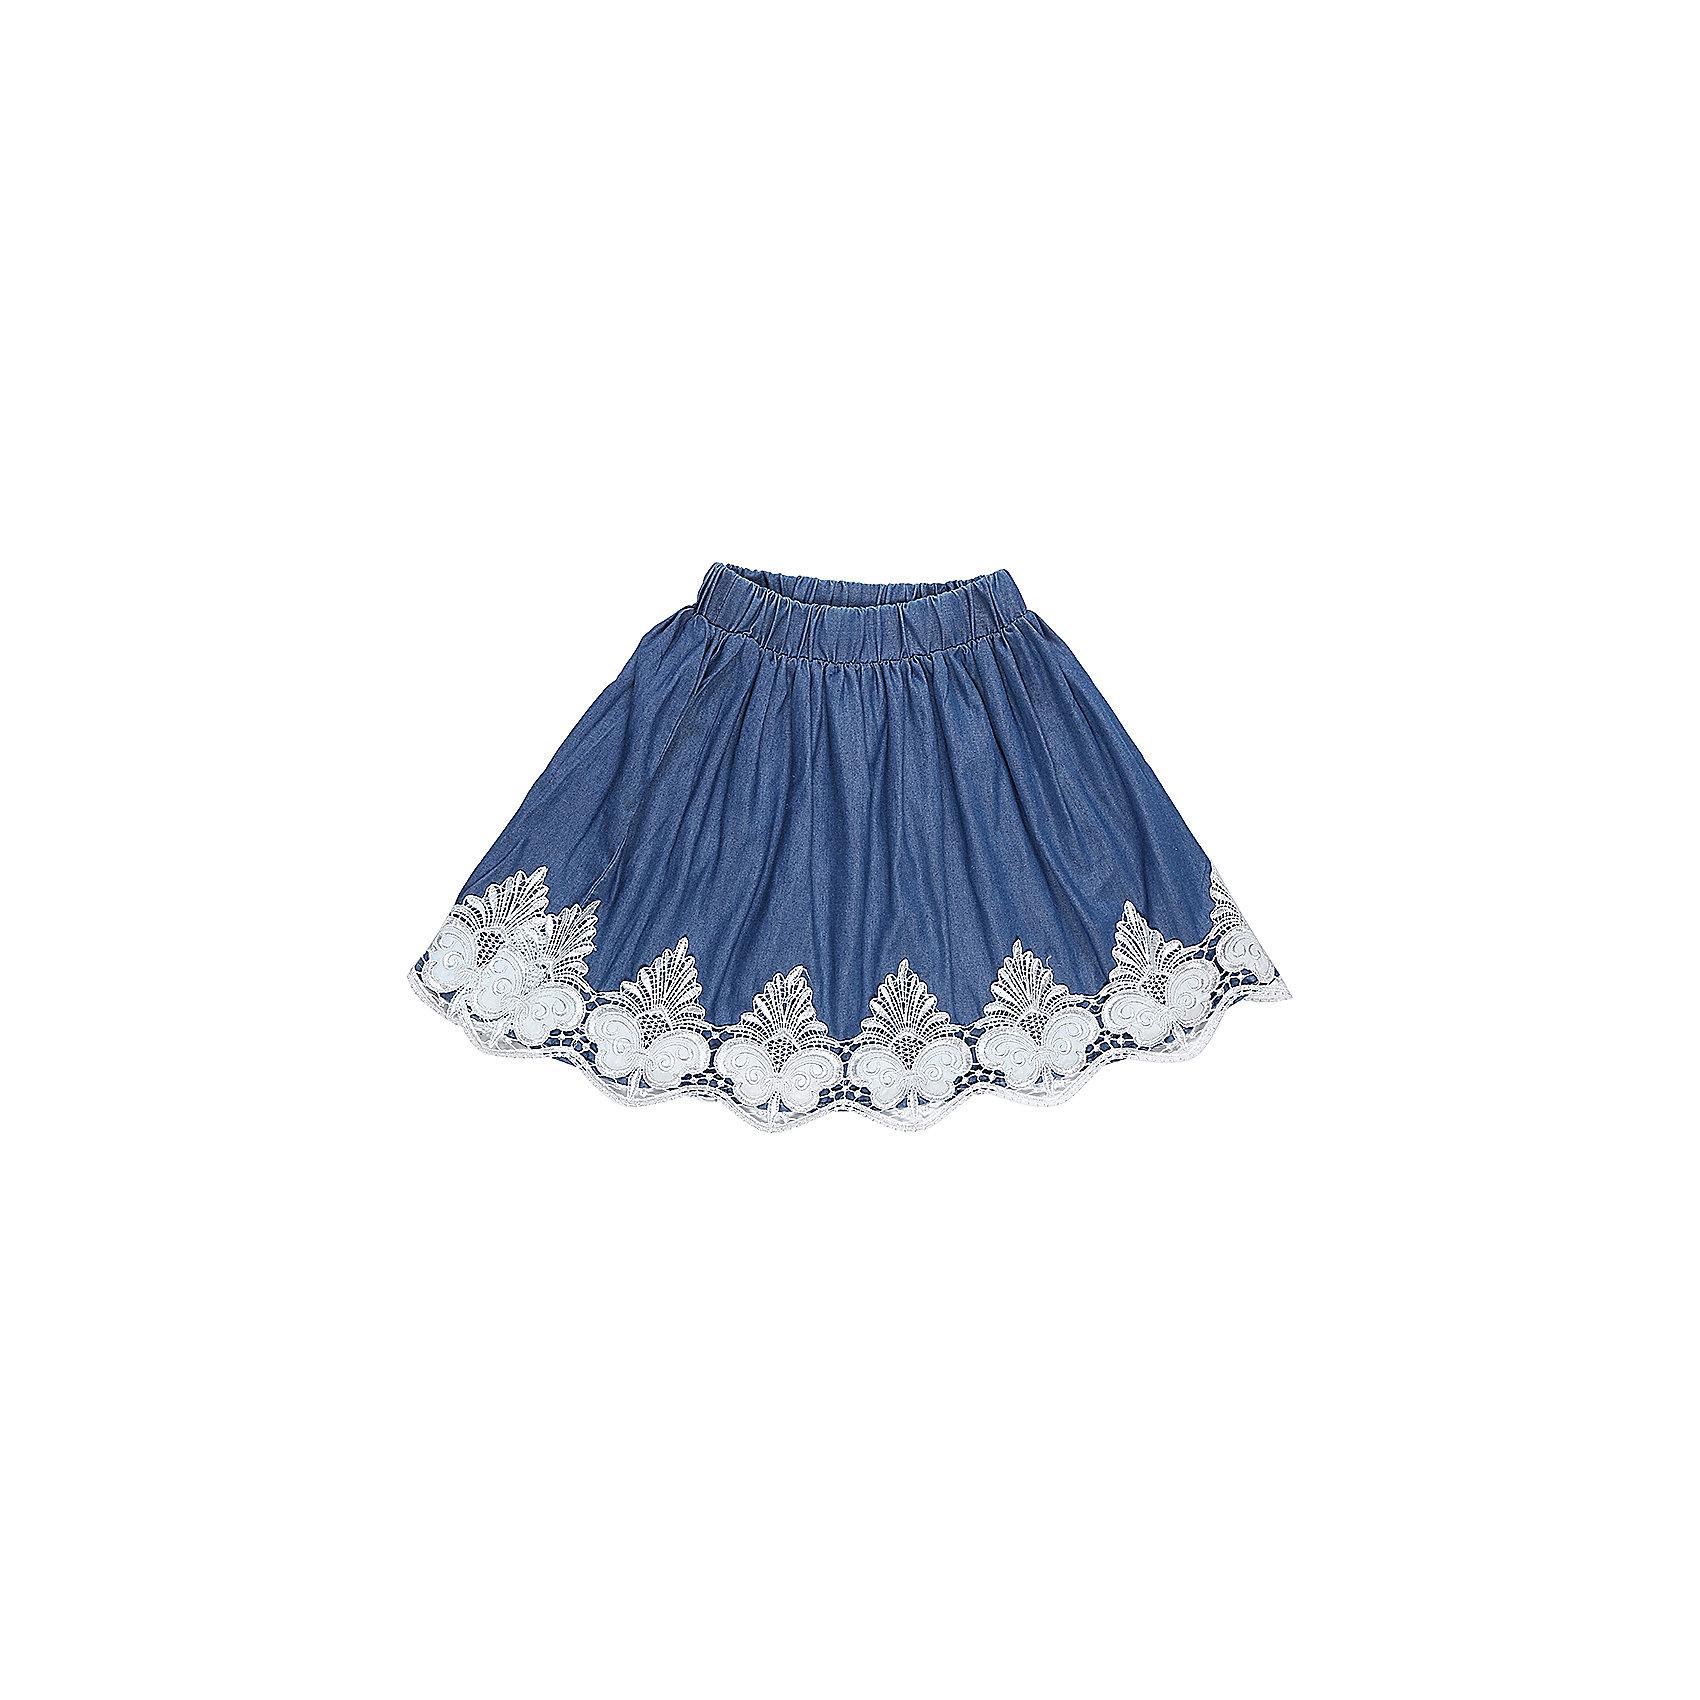 Юбка для девочки LuminosoТекстильная юбка для девочки под джинсу. Низ изделия декорирован изящной вышиквкой и экокожей. Эластичный мягкий пояс.<br>Состав:<br>100%хлопок<br><br>Ширина мм: 207<br>Глубина мм: 10<br>Высота мм: 189<br>Вес г: 183<br>Цвет: синий<br>Возраст от месяцев: 120<br>Возраст до месяцев: 132<br>Пол: Женский<br>Возраст: Детский<br>Размер: 146,134,140,152,158,164<br>SKU: 5413340